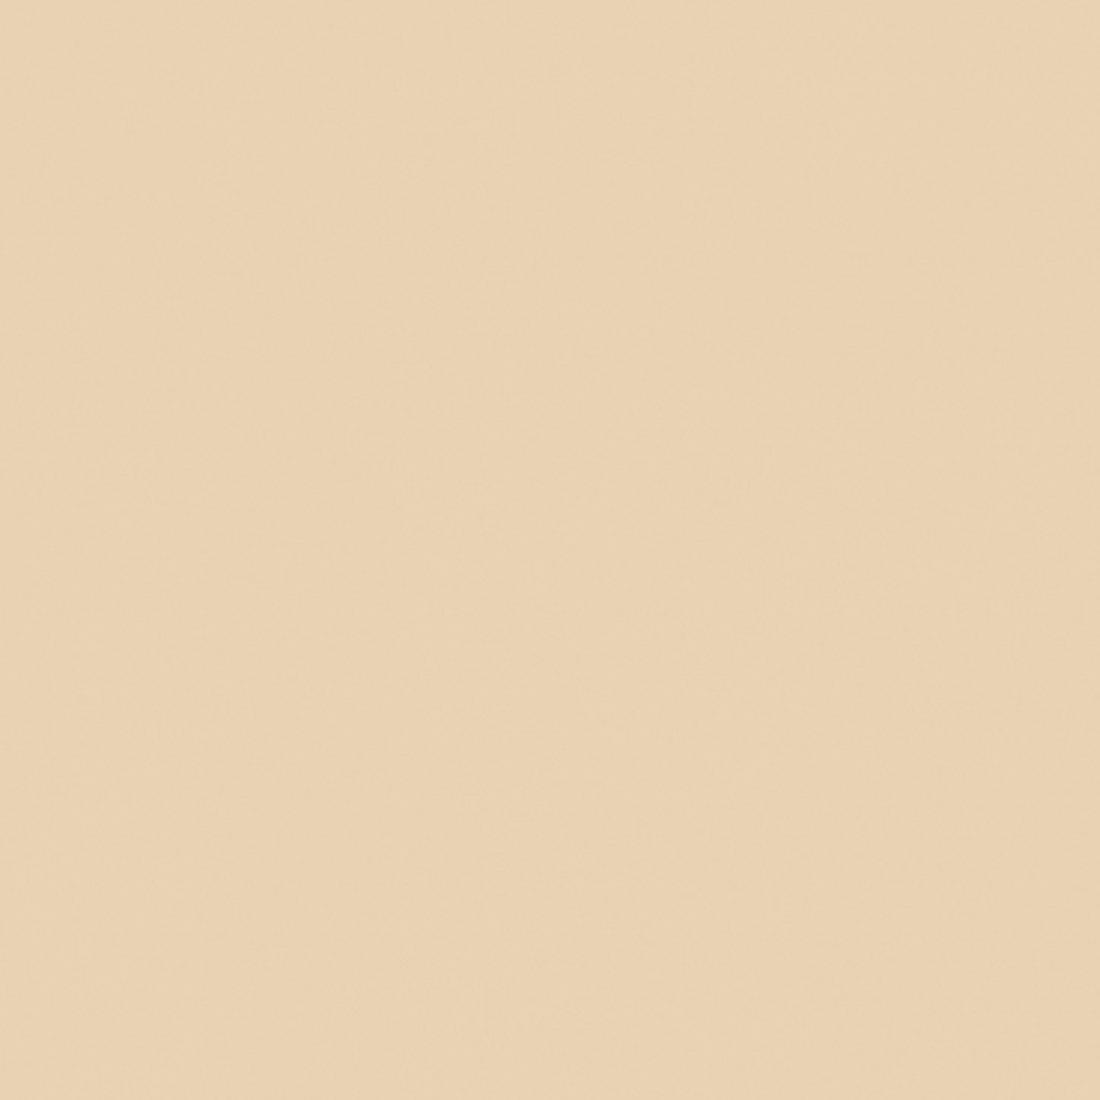 Kristal 61x61 Beige Gloss 1